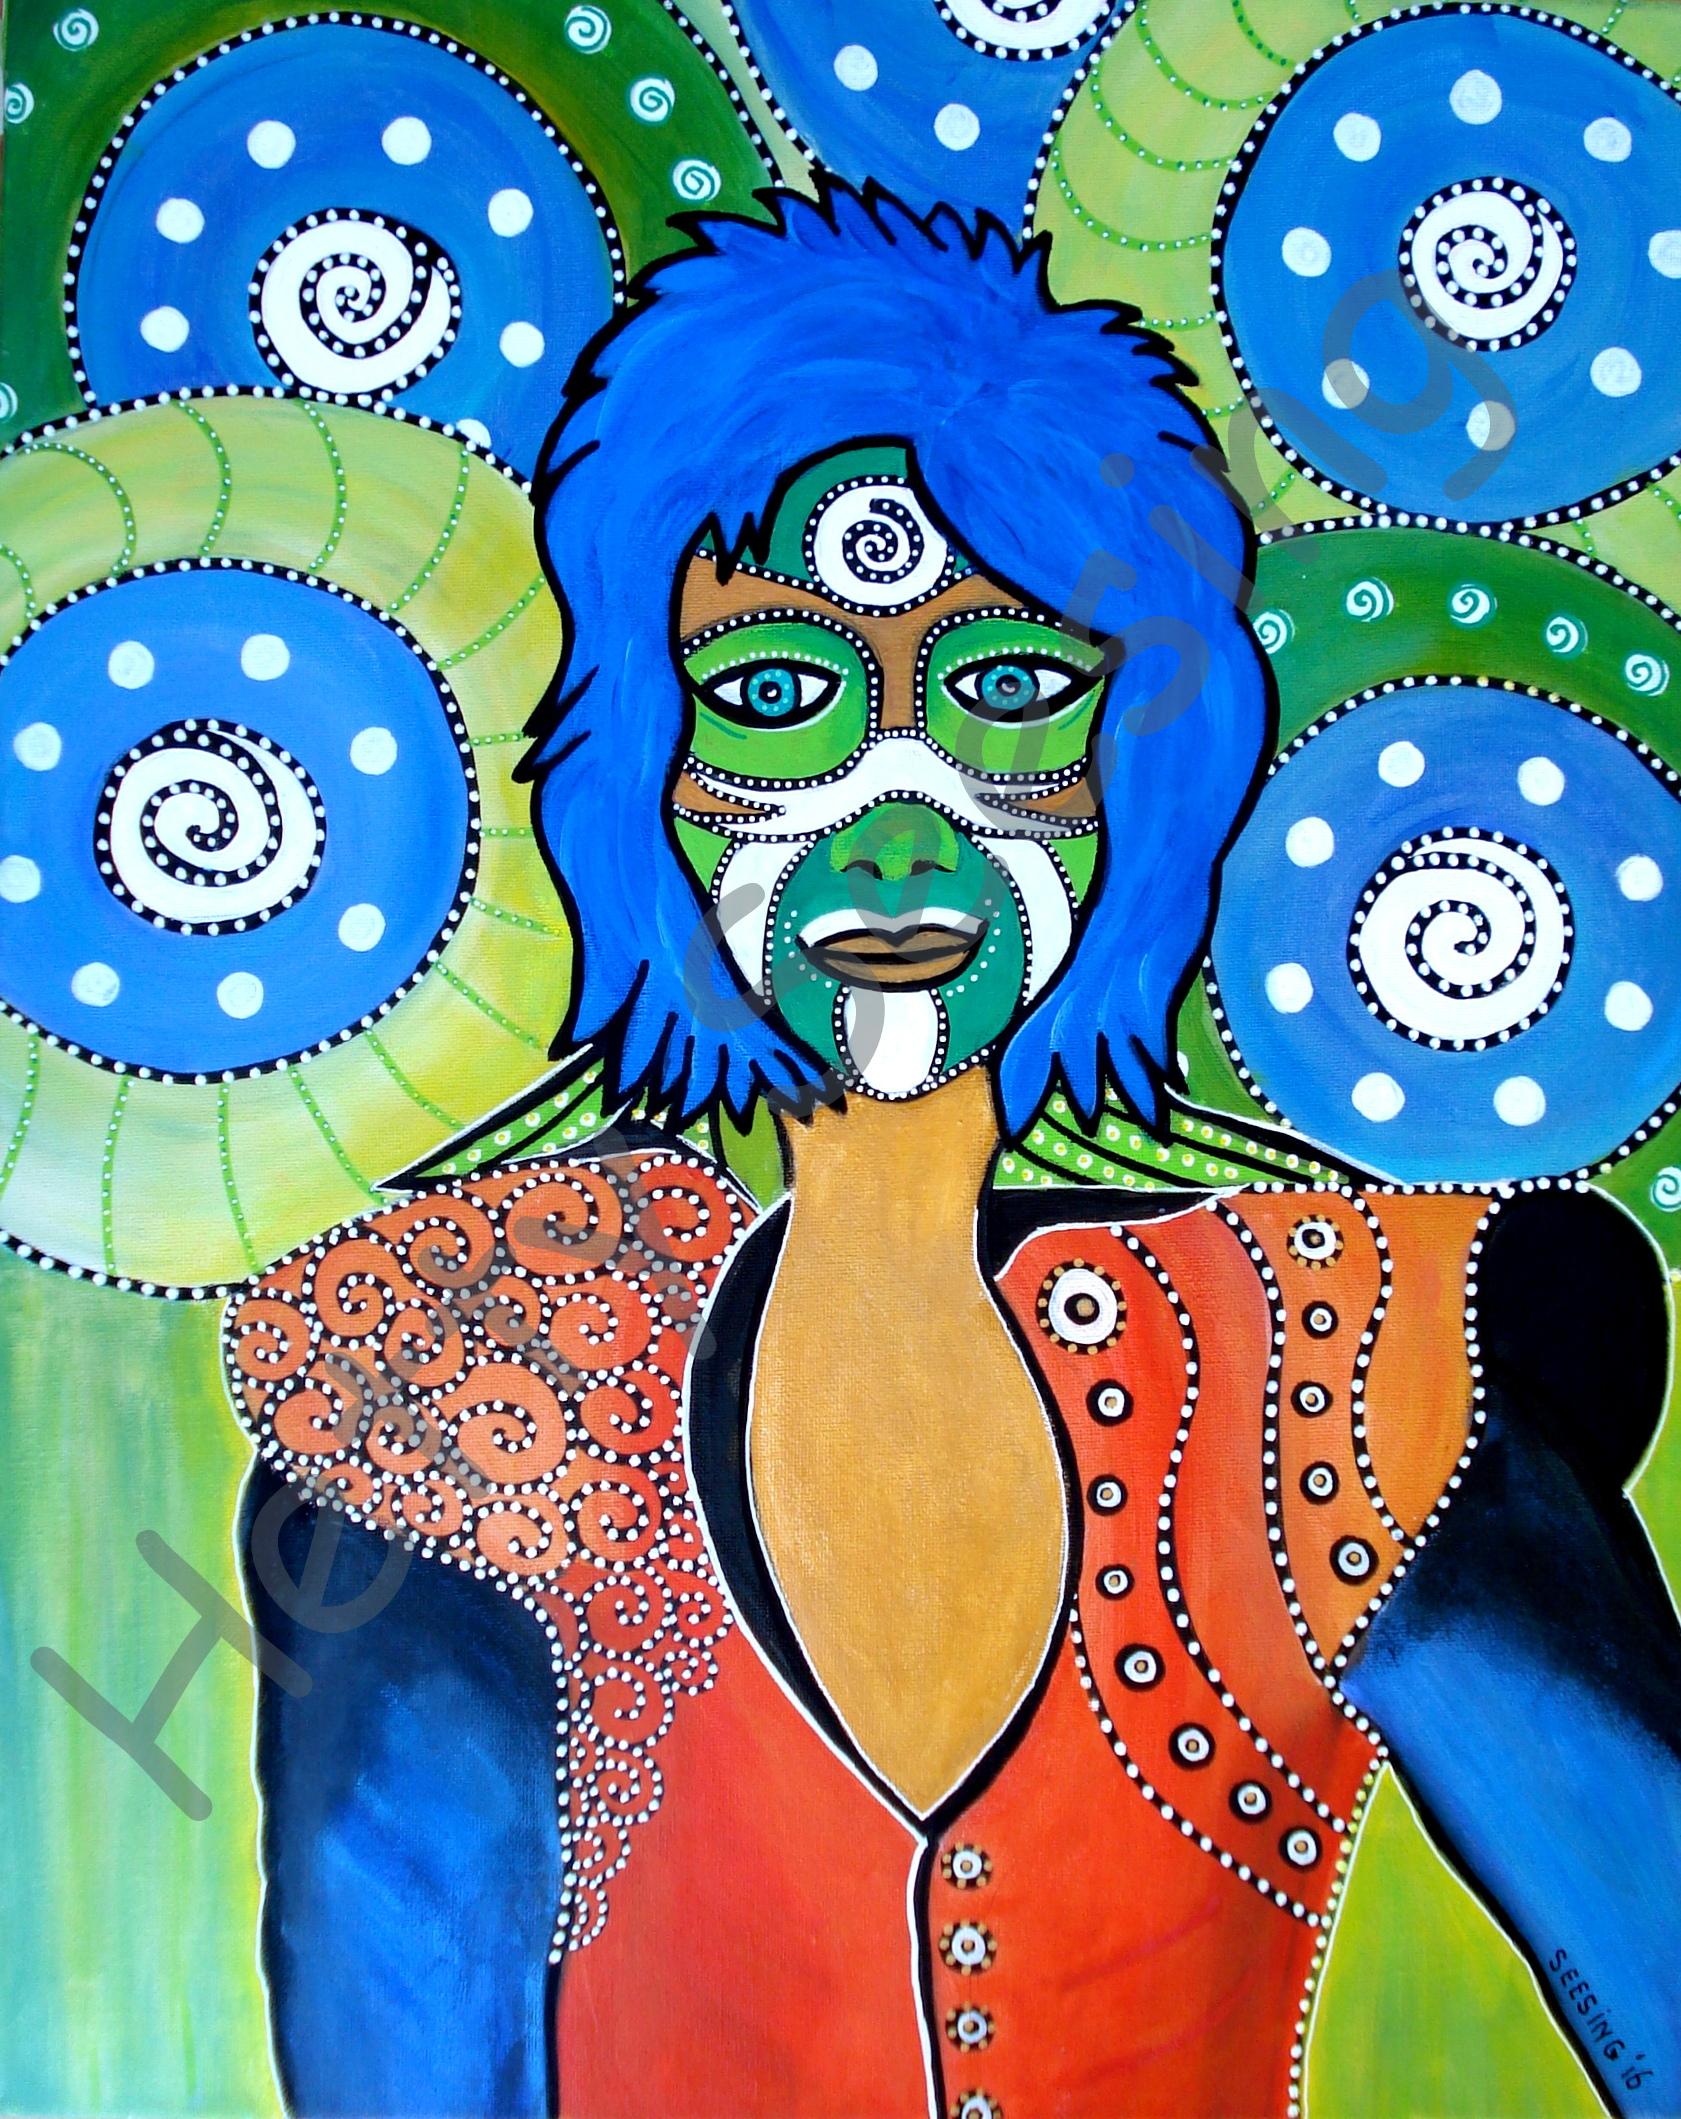 Artiest - Hetty Seesing